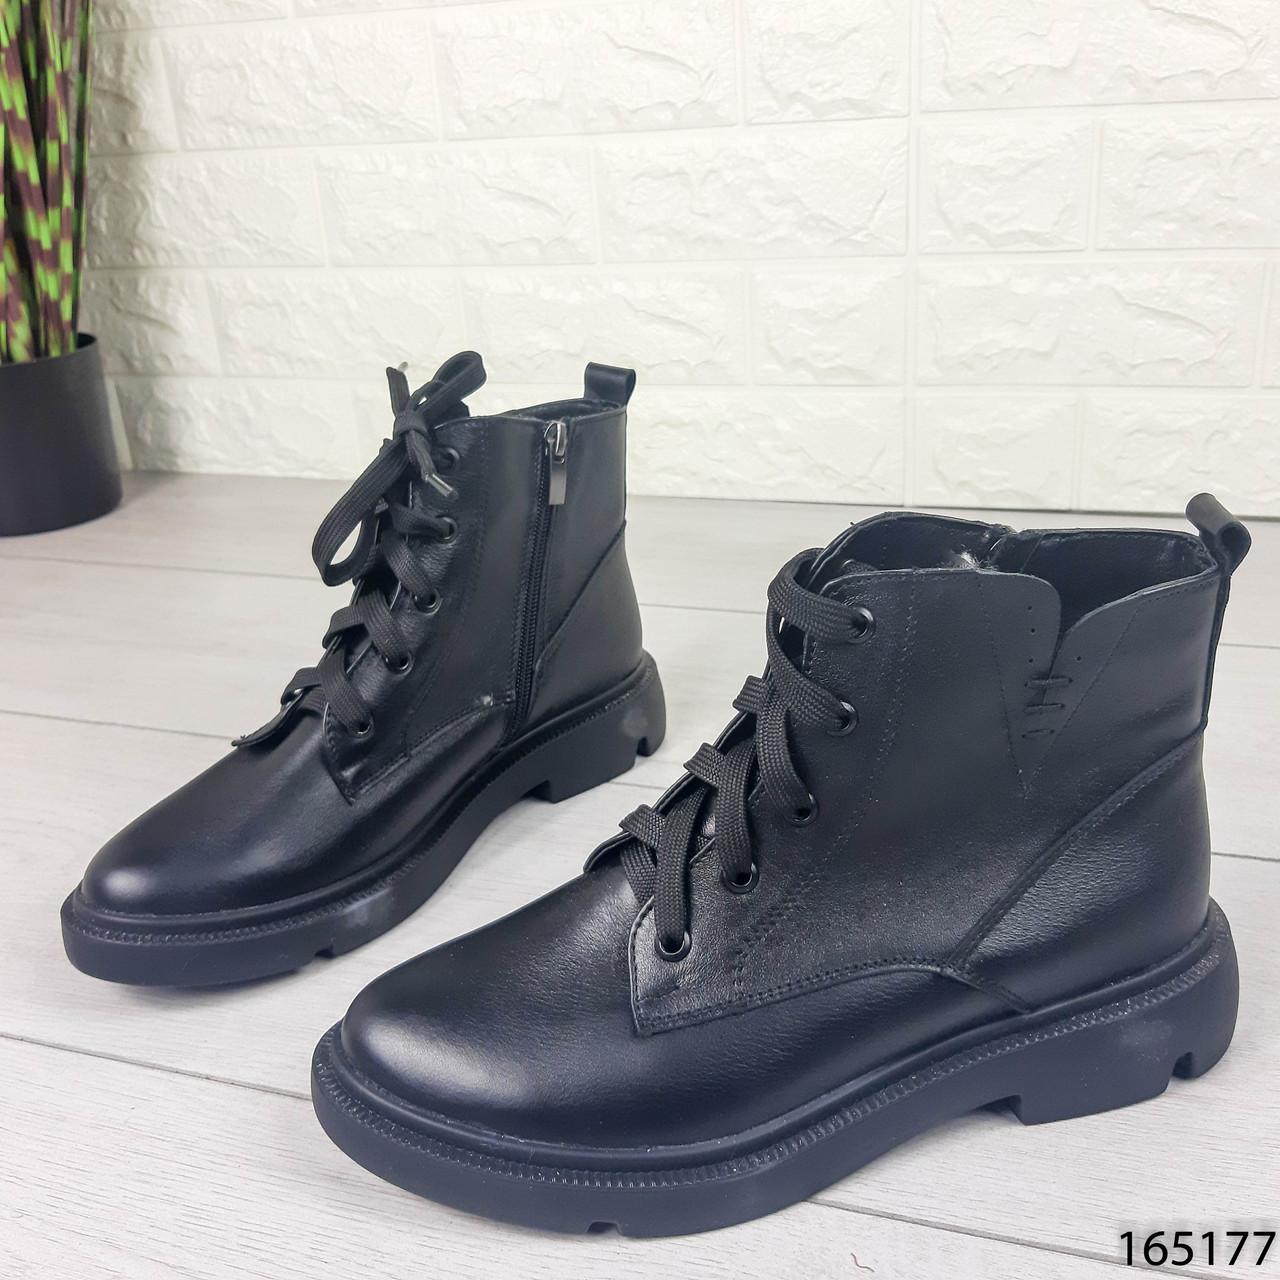 Женские ботинки ЗИМНИЕ черные из НАТУРАЛЬНОЙ КОЖИ. Внутри полушерсть